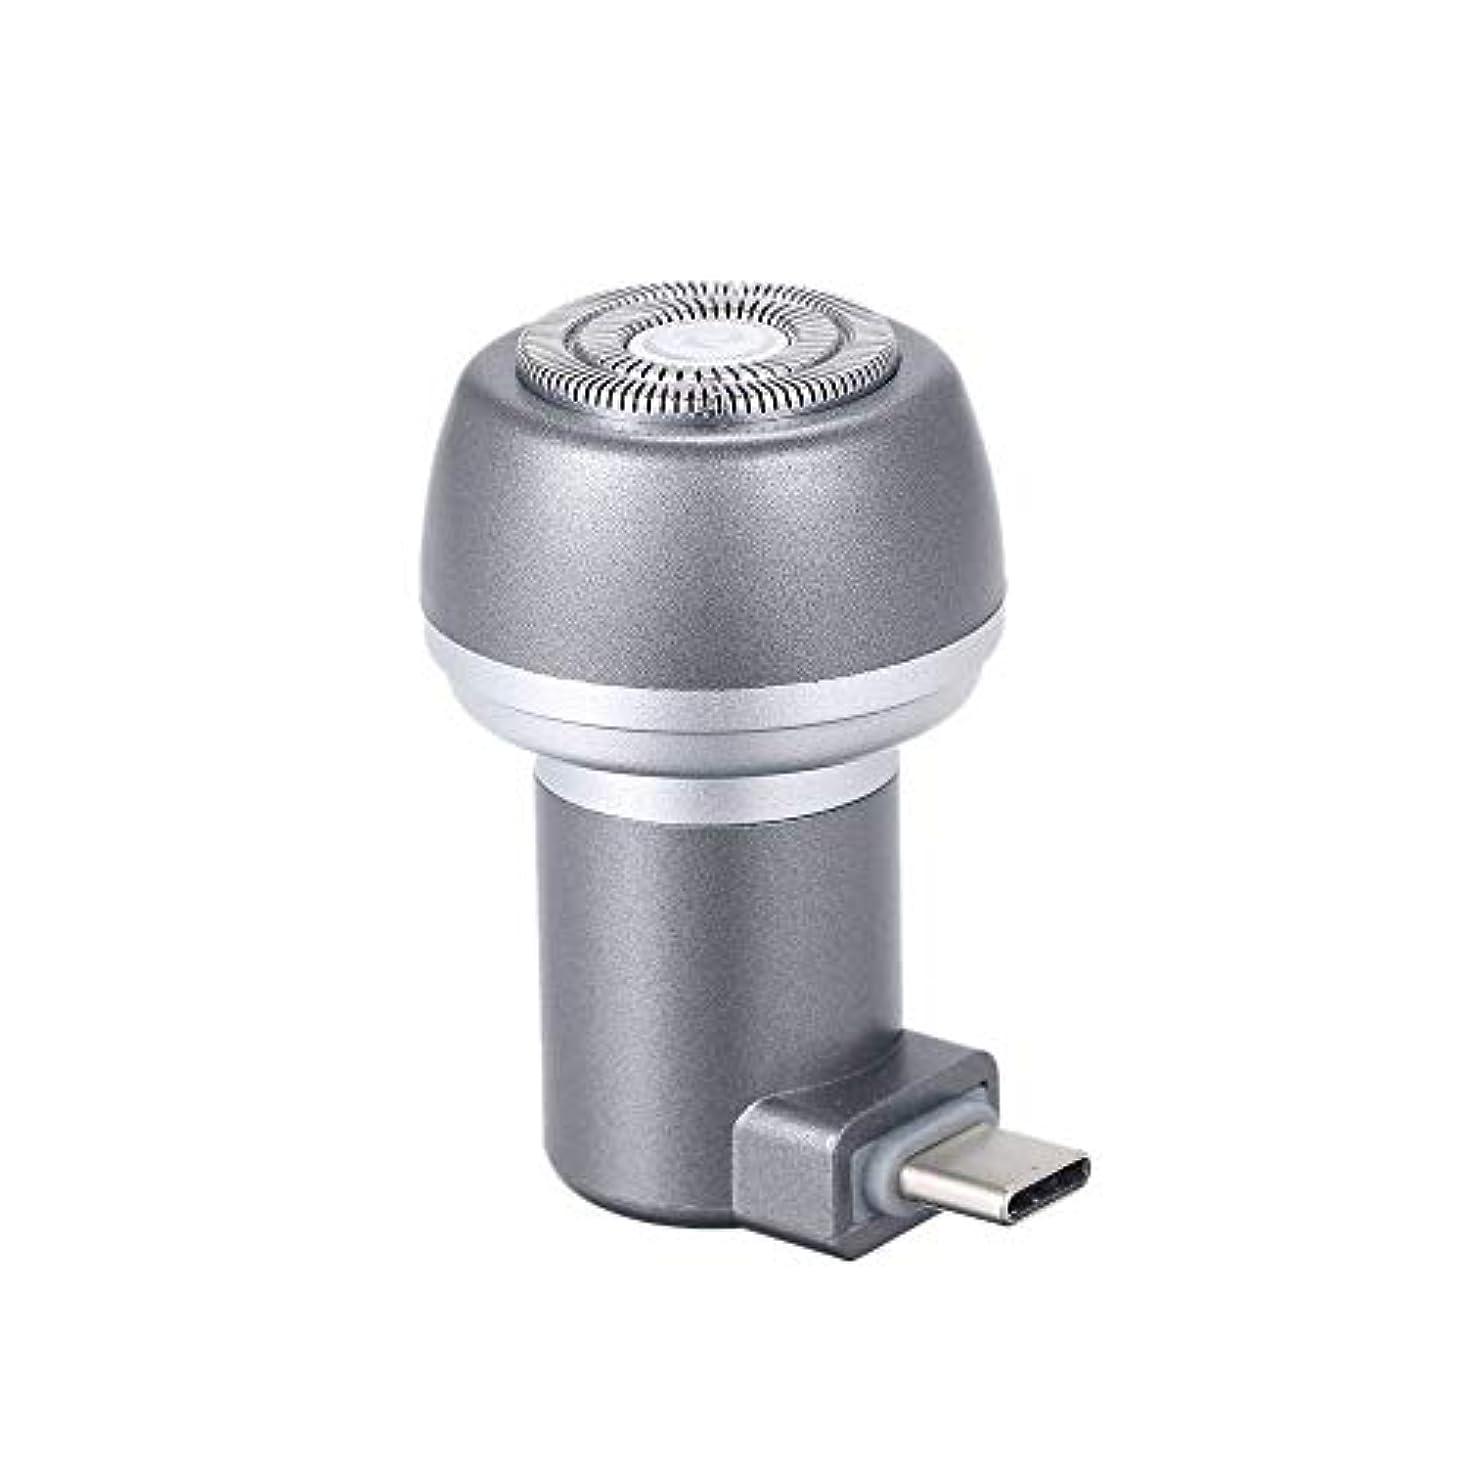 やむを得ない柔らかさ滑るXiAnShiYu家庭用 電気 シェーバー 男性用 防水 ウェットドライシェービング USB充電式 グレー タイプC